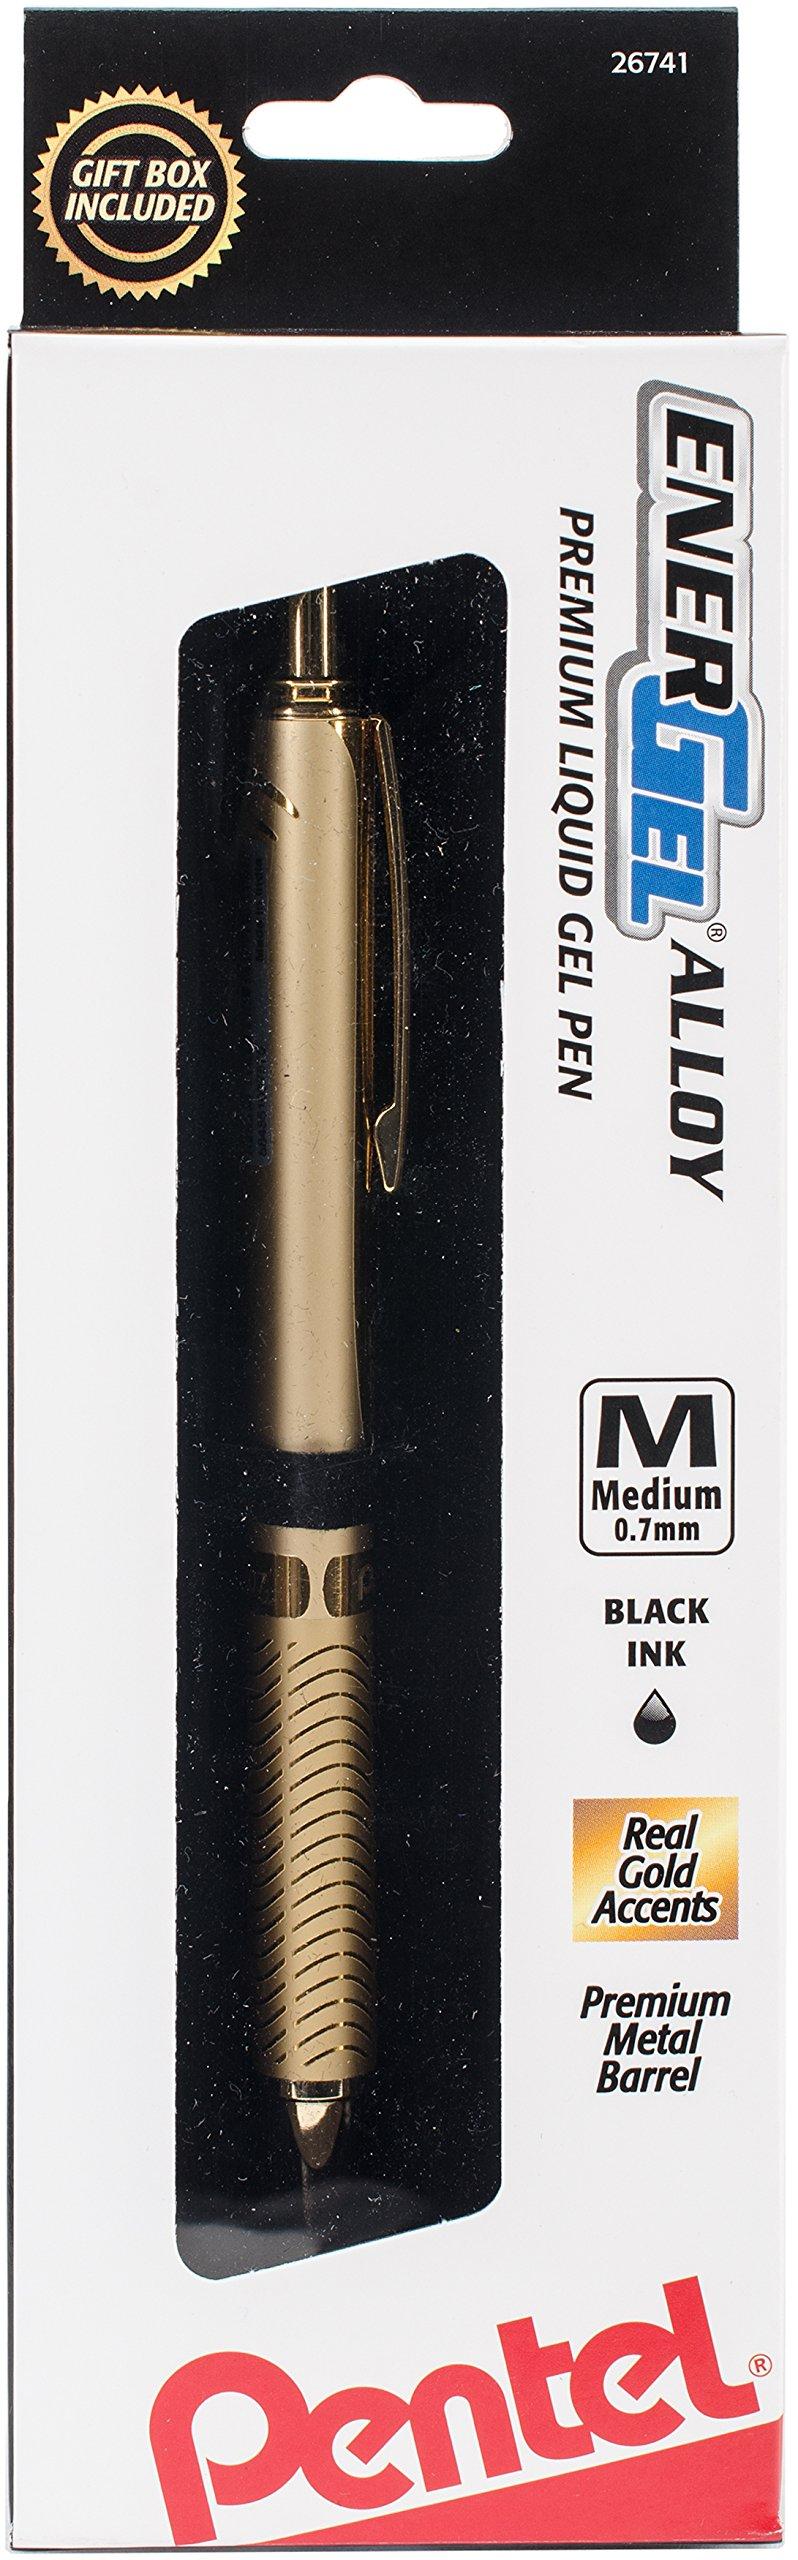 PENTEL Gold Barrl-Energel Alloy Pen 1P Gel Ink Rollerball...